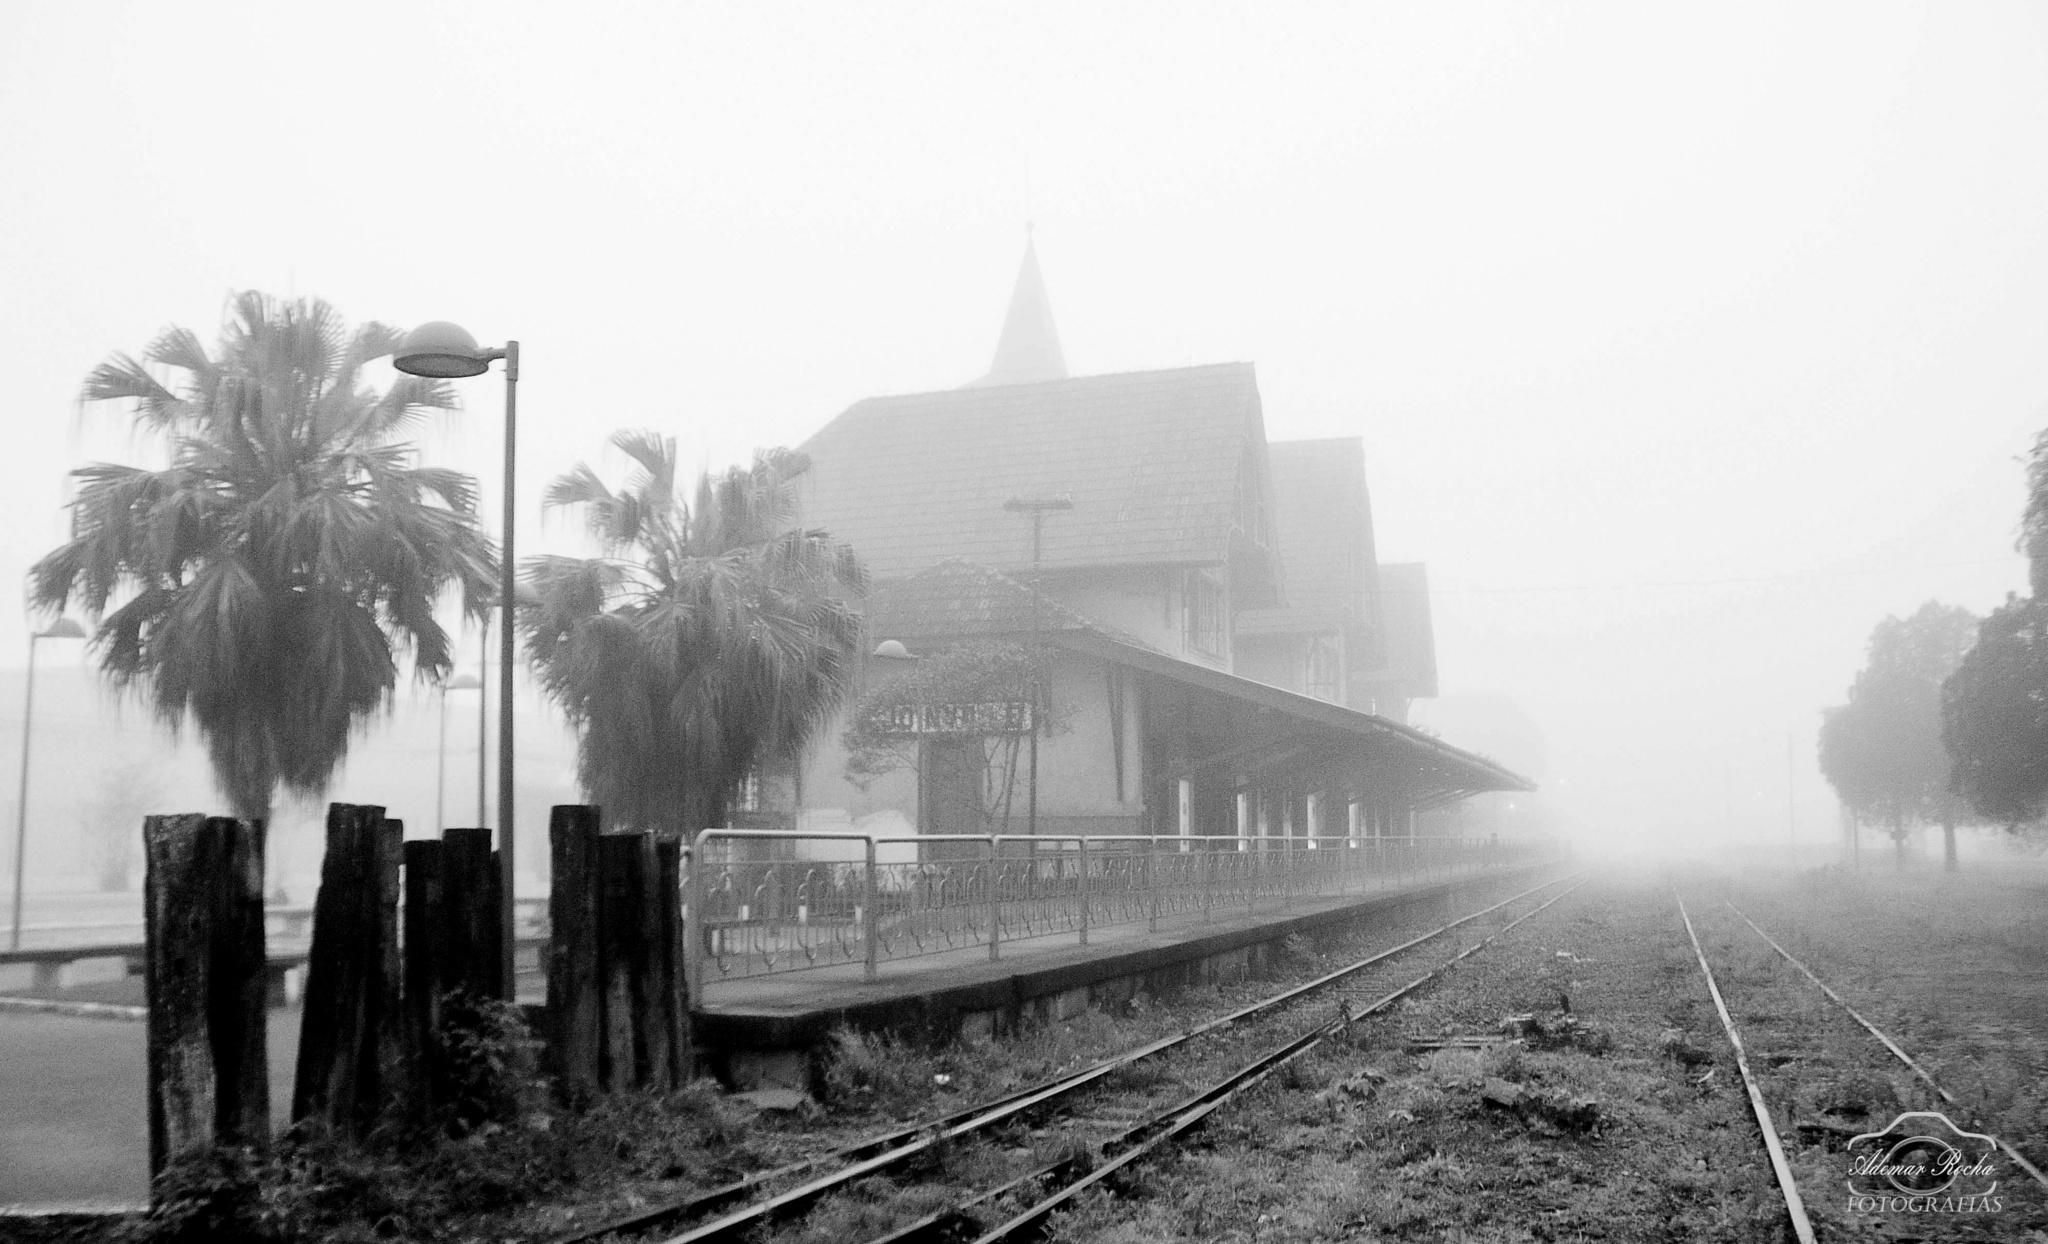 Estação Ferroviária  by Adhemar Rocha